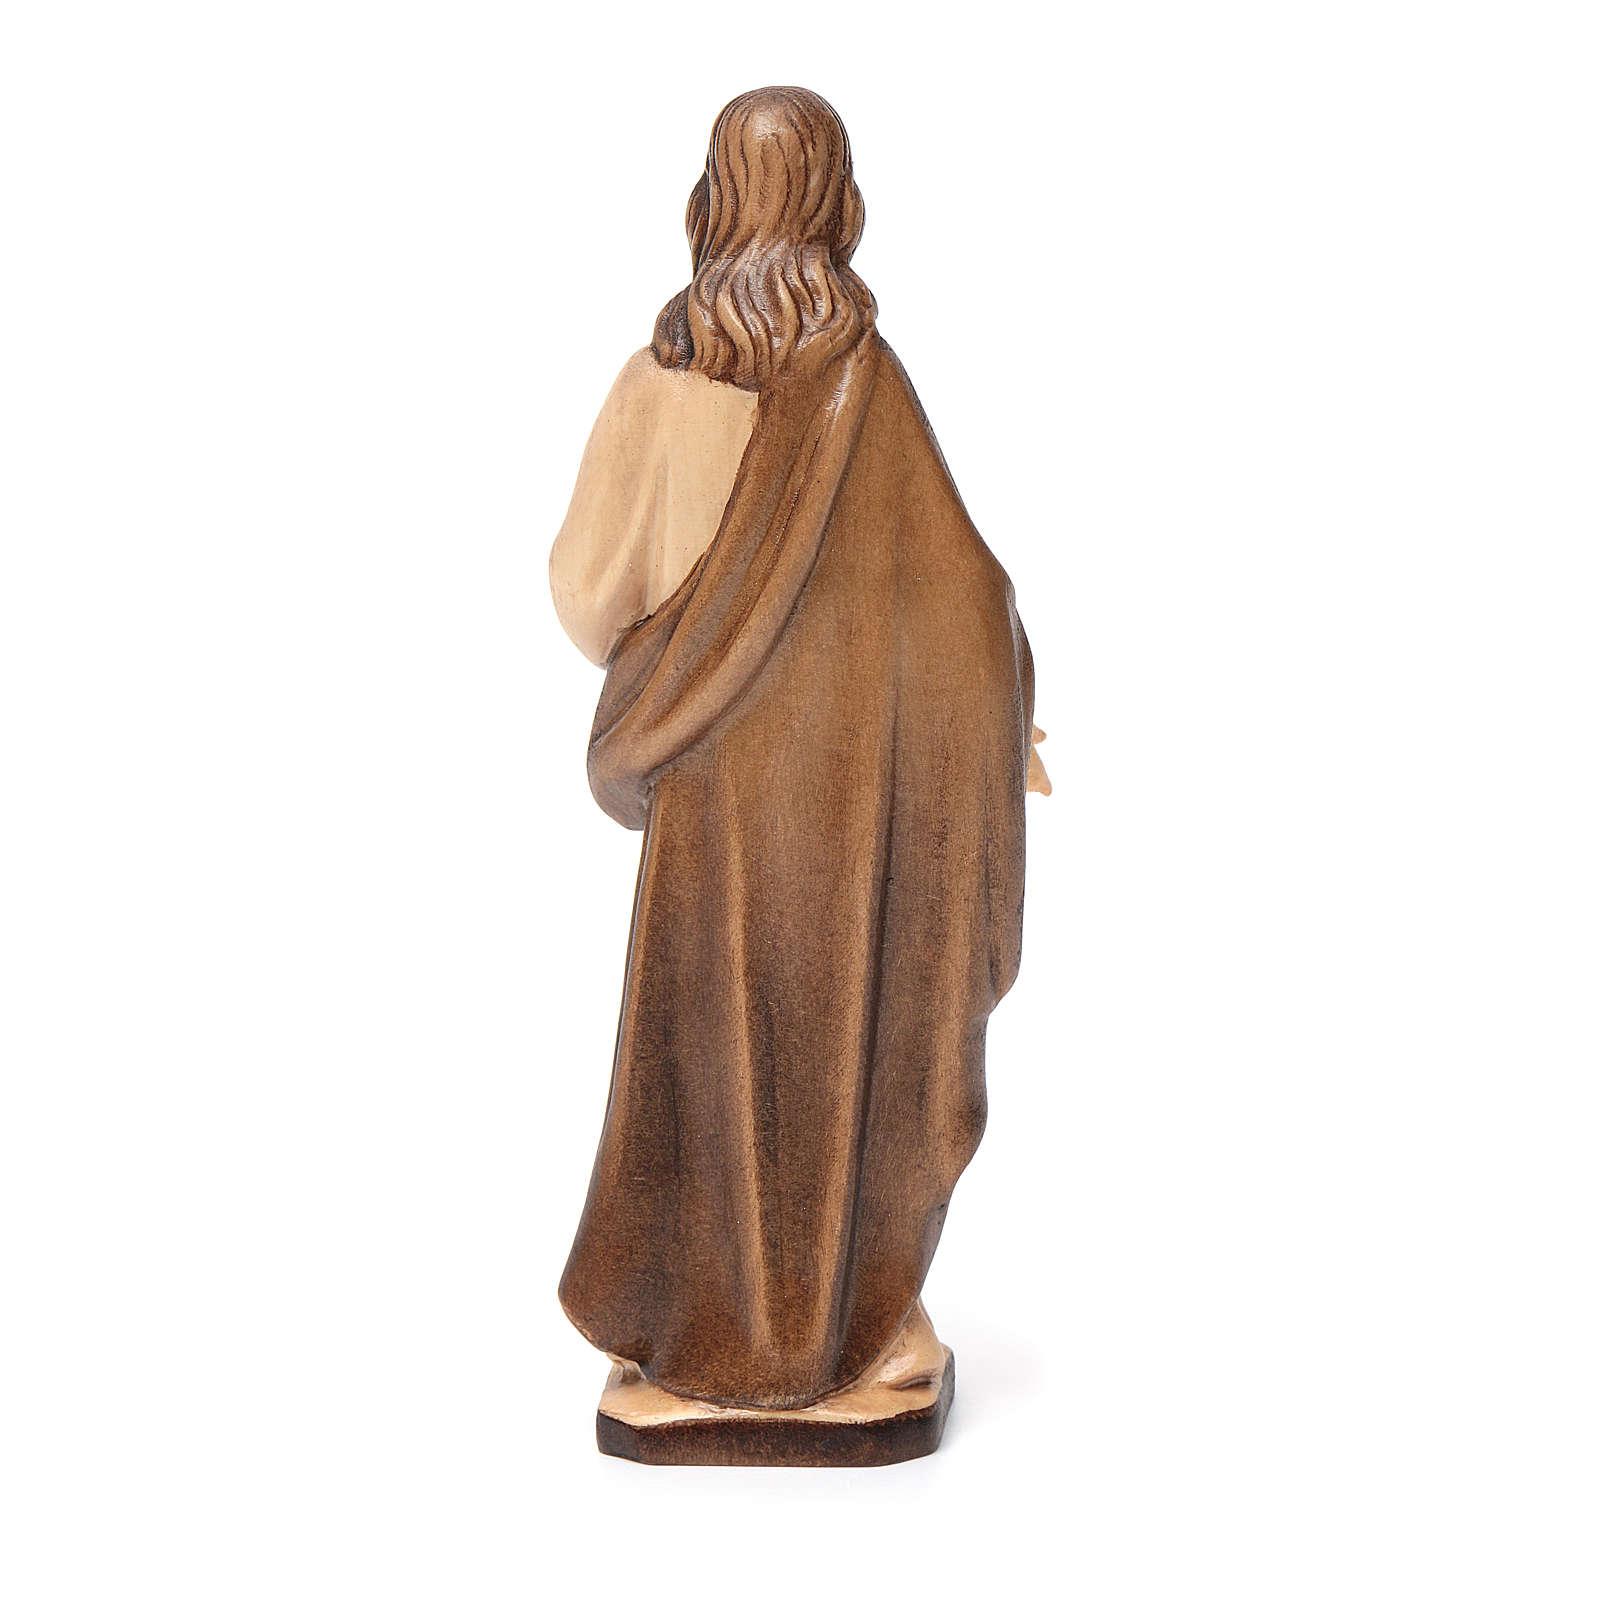 Sagrado Corazón de Jesús de madera, acabado con diferentes matices de marrón 4